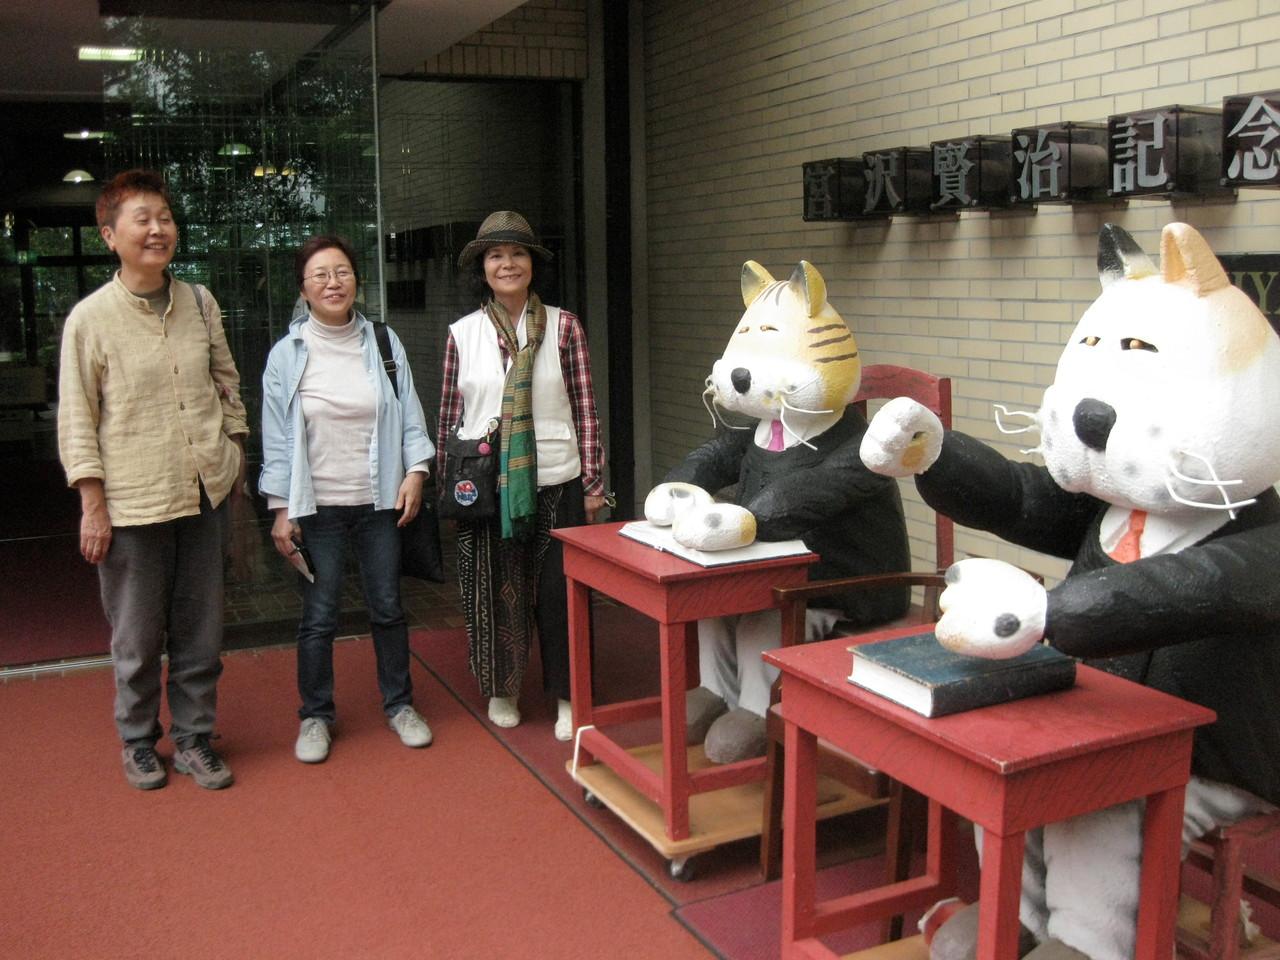 4日目。岩手県入り。花巻の宮沢賢治記念館で。